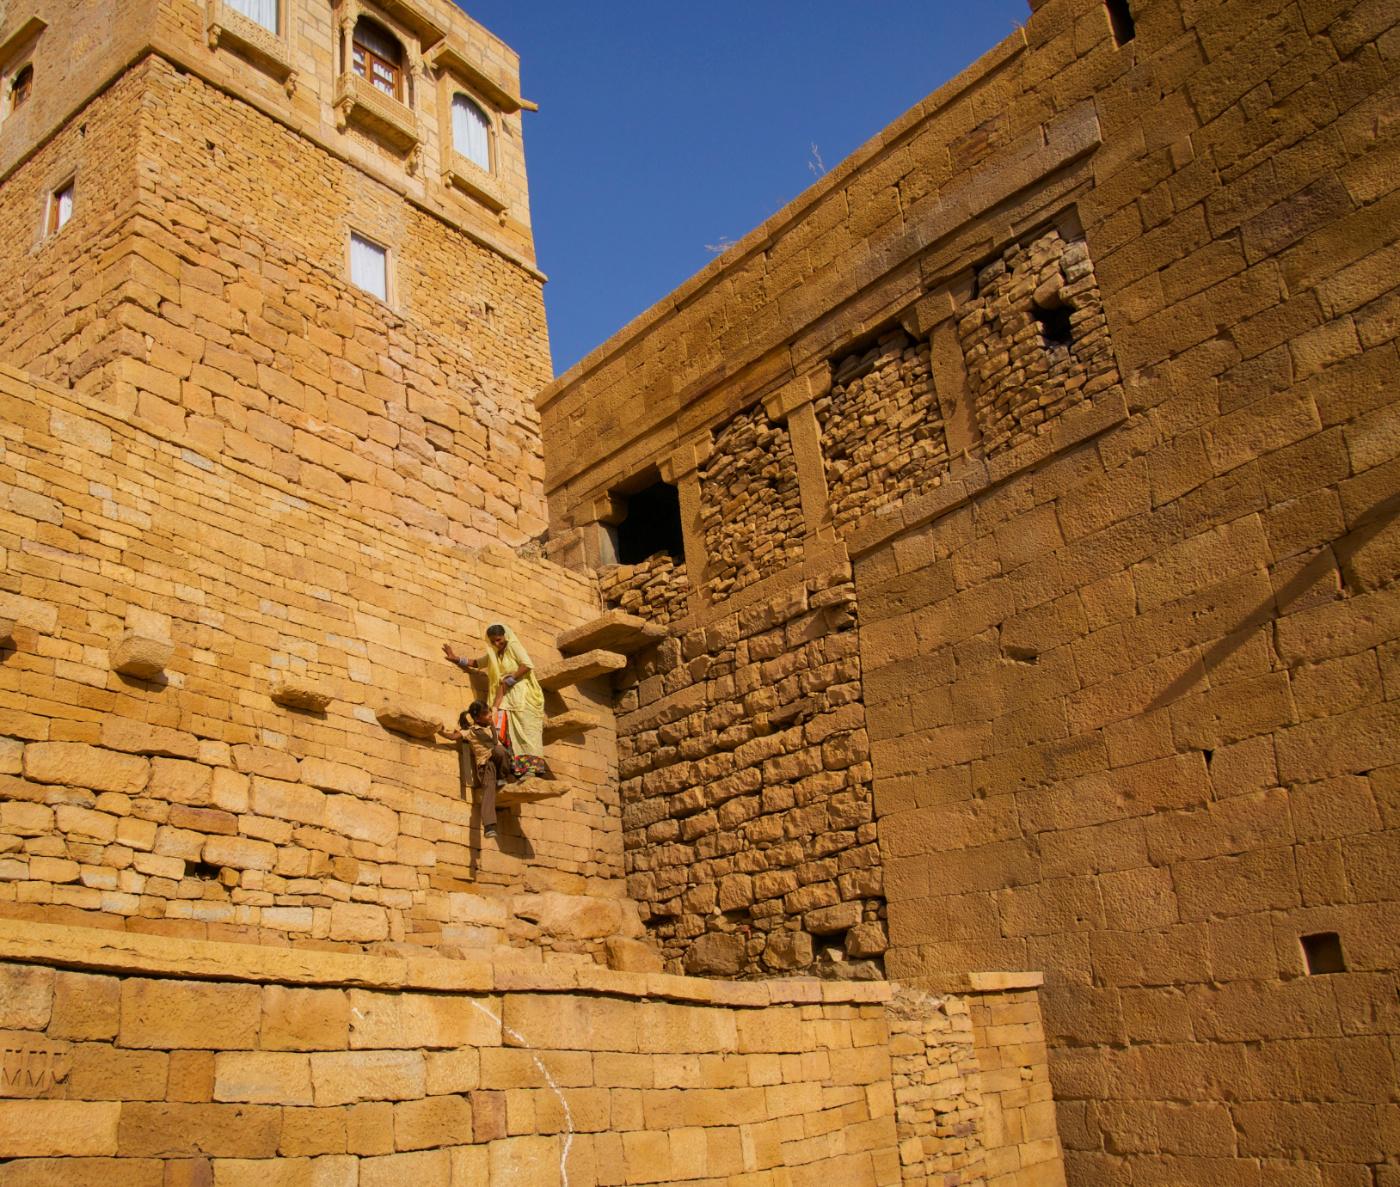 532-India-Jaisalmer